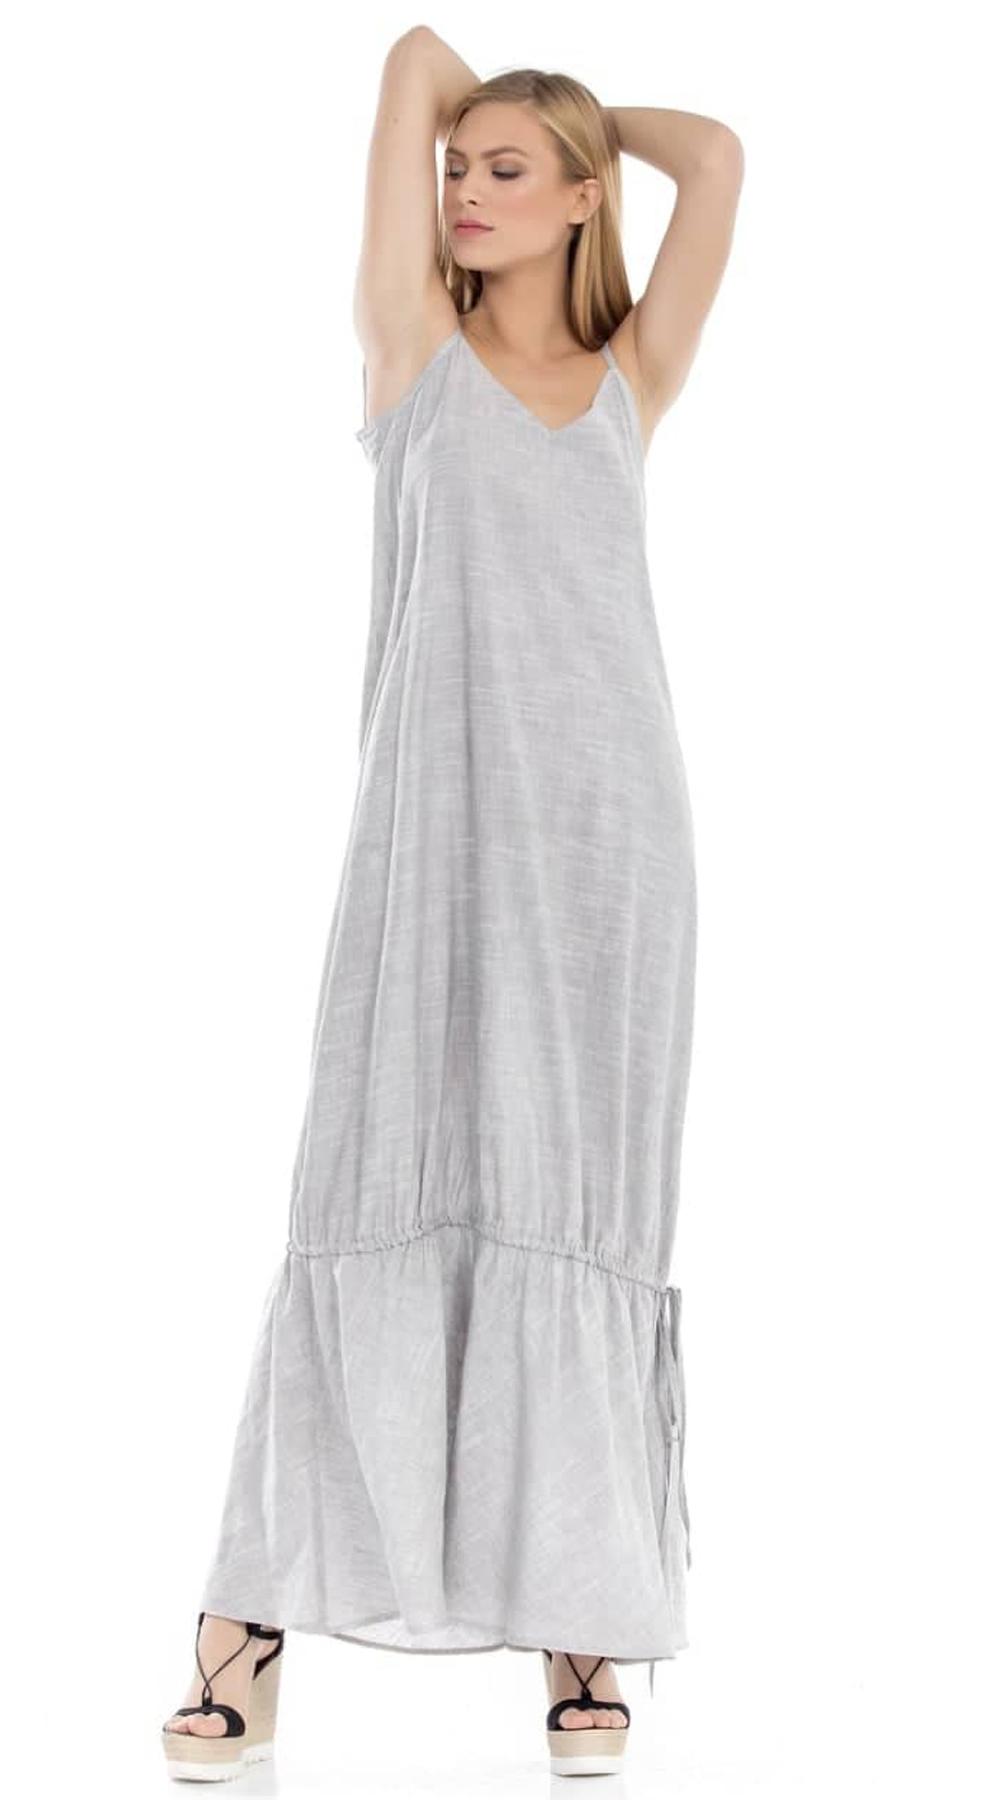 Μάξι λινό φόρεμα με βολάν στο τελείωμα Online - ONLINE - S18ON-52642 φορέματα μάξι φορέματα